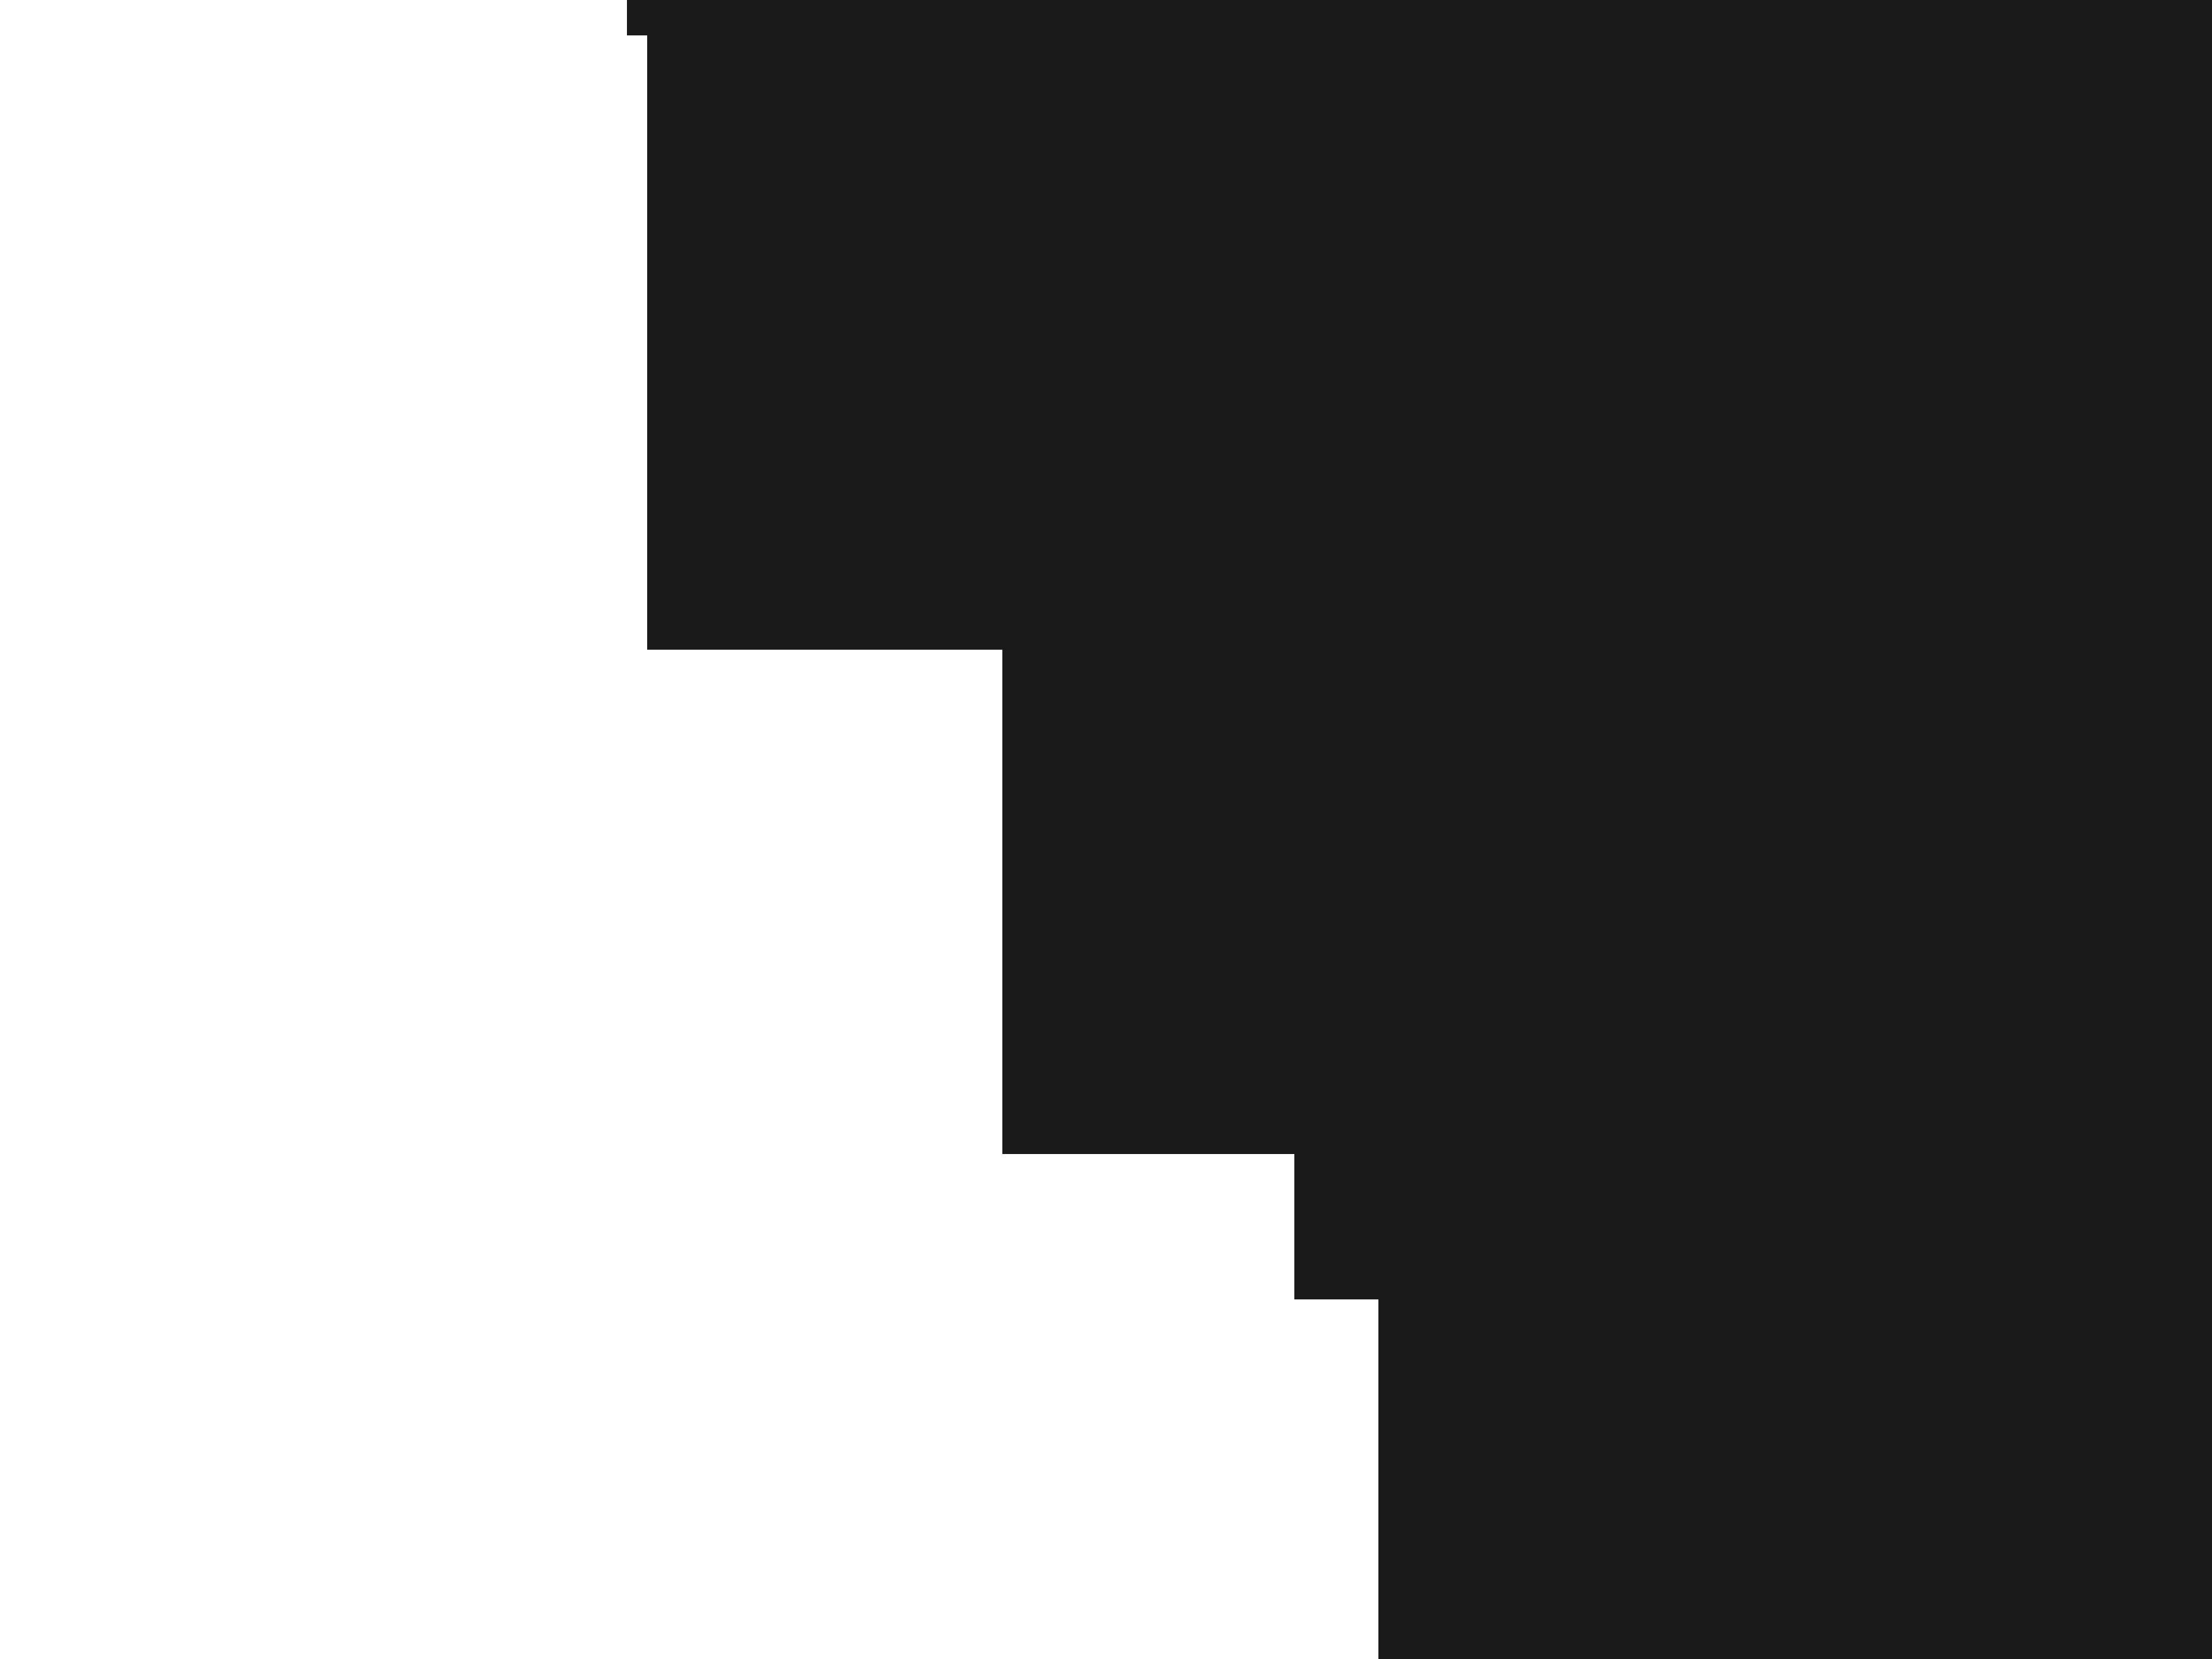 Transparenttriangle002C